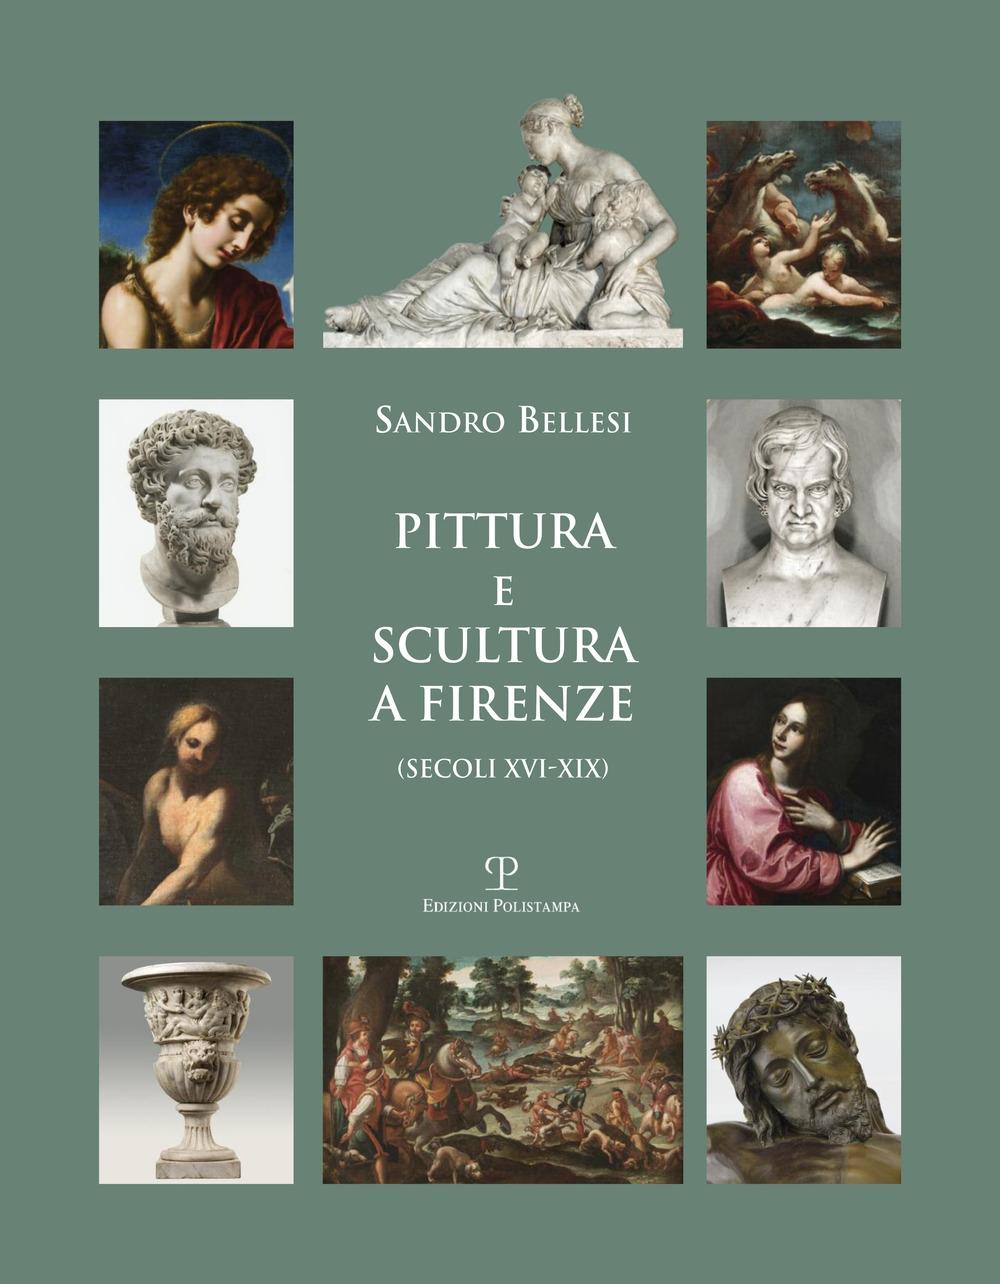 Pittura e scultura a Firenze (secoli XVI-XIX).